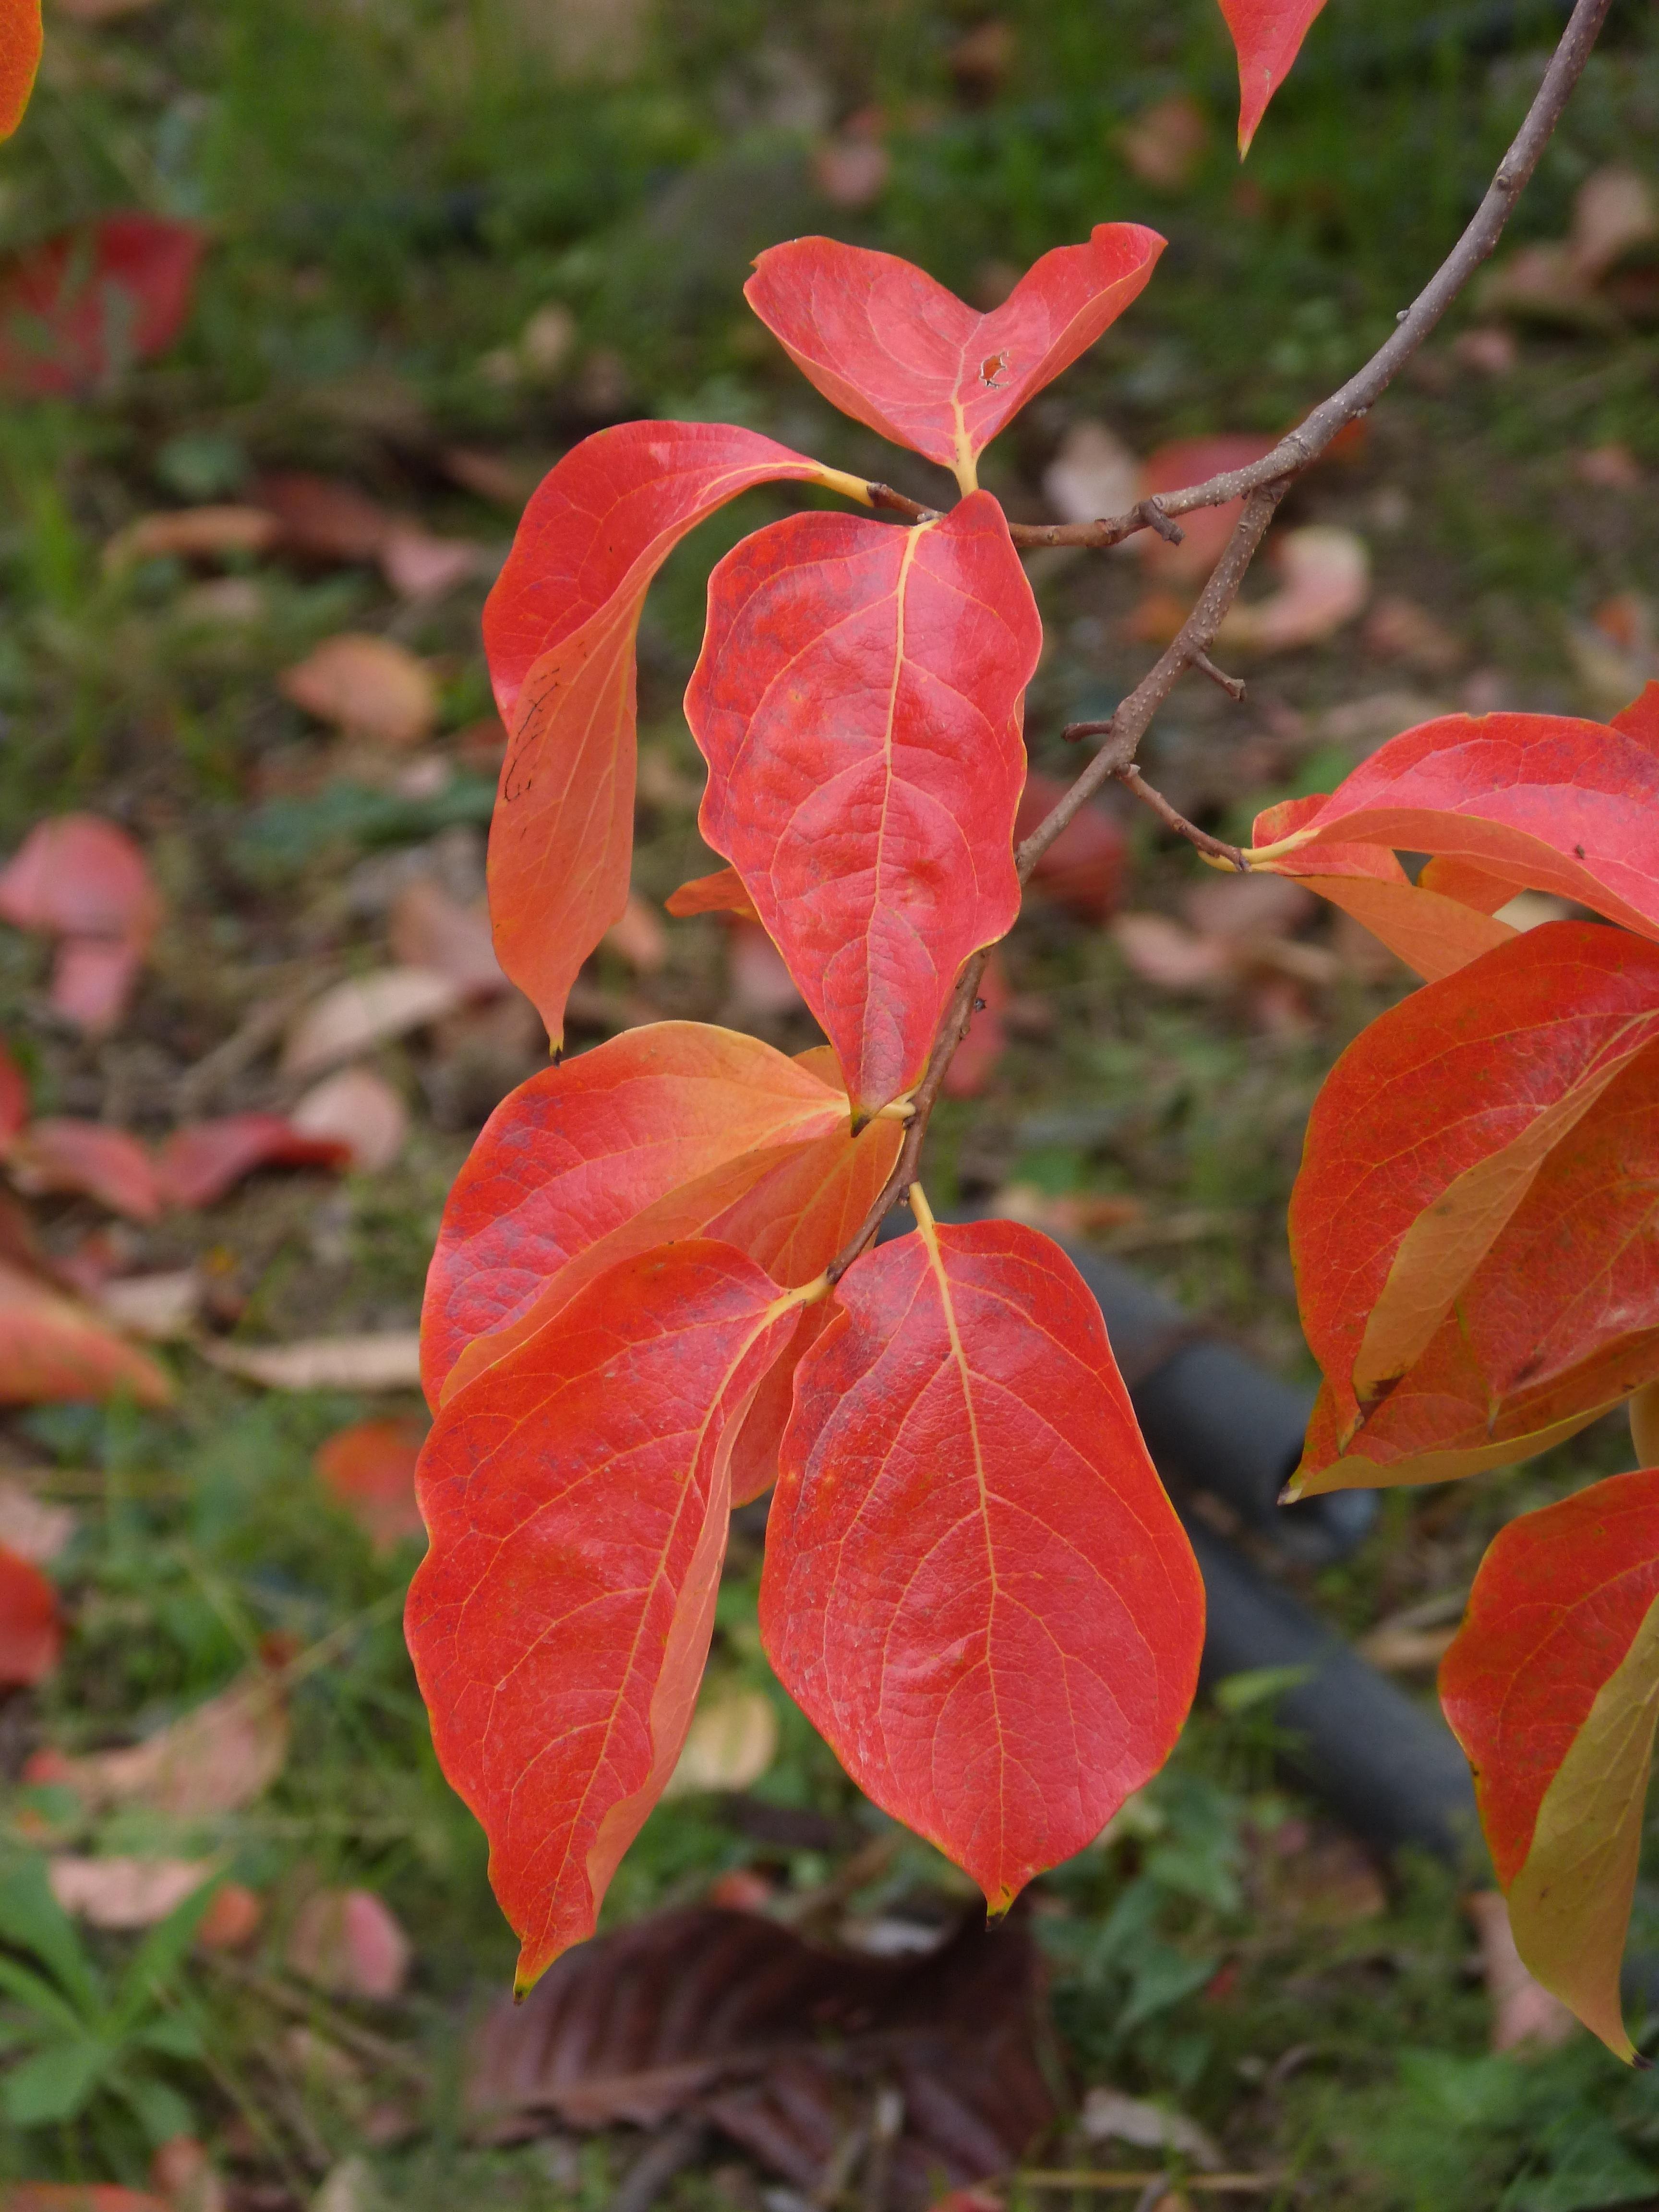 images gratuites : arbre, feuille, fleur, pétale, rouge, l'automne